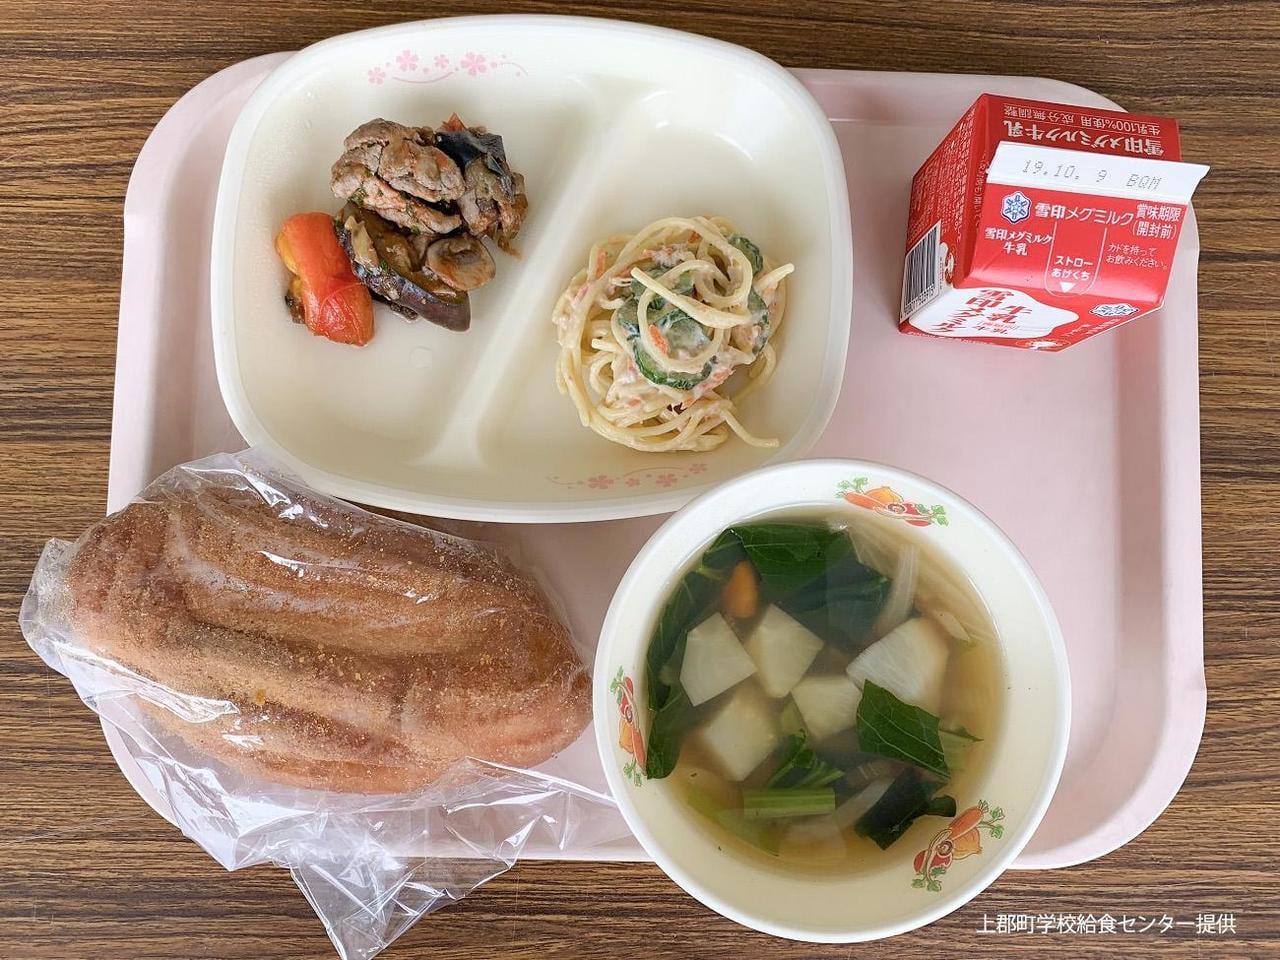 兵庫県のご当地給食インタビュー!人気メニューや再現レシピを紹介